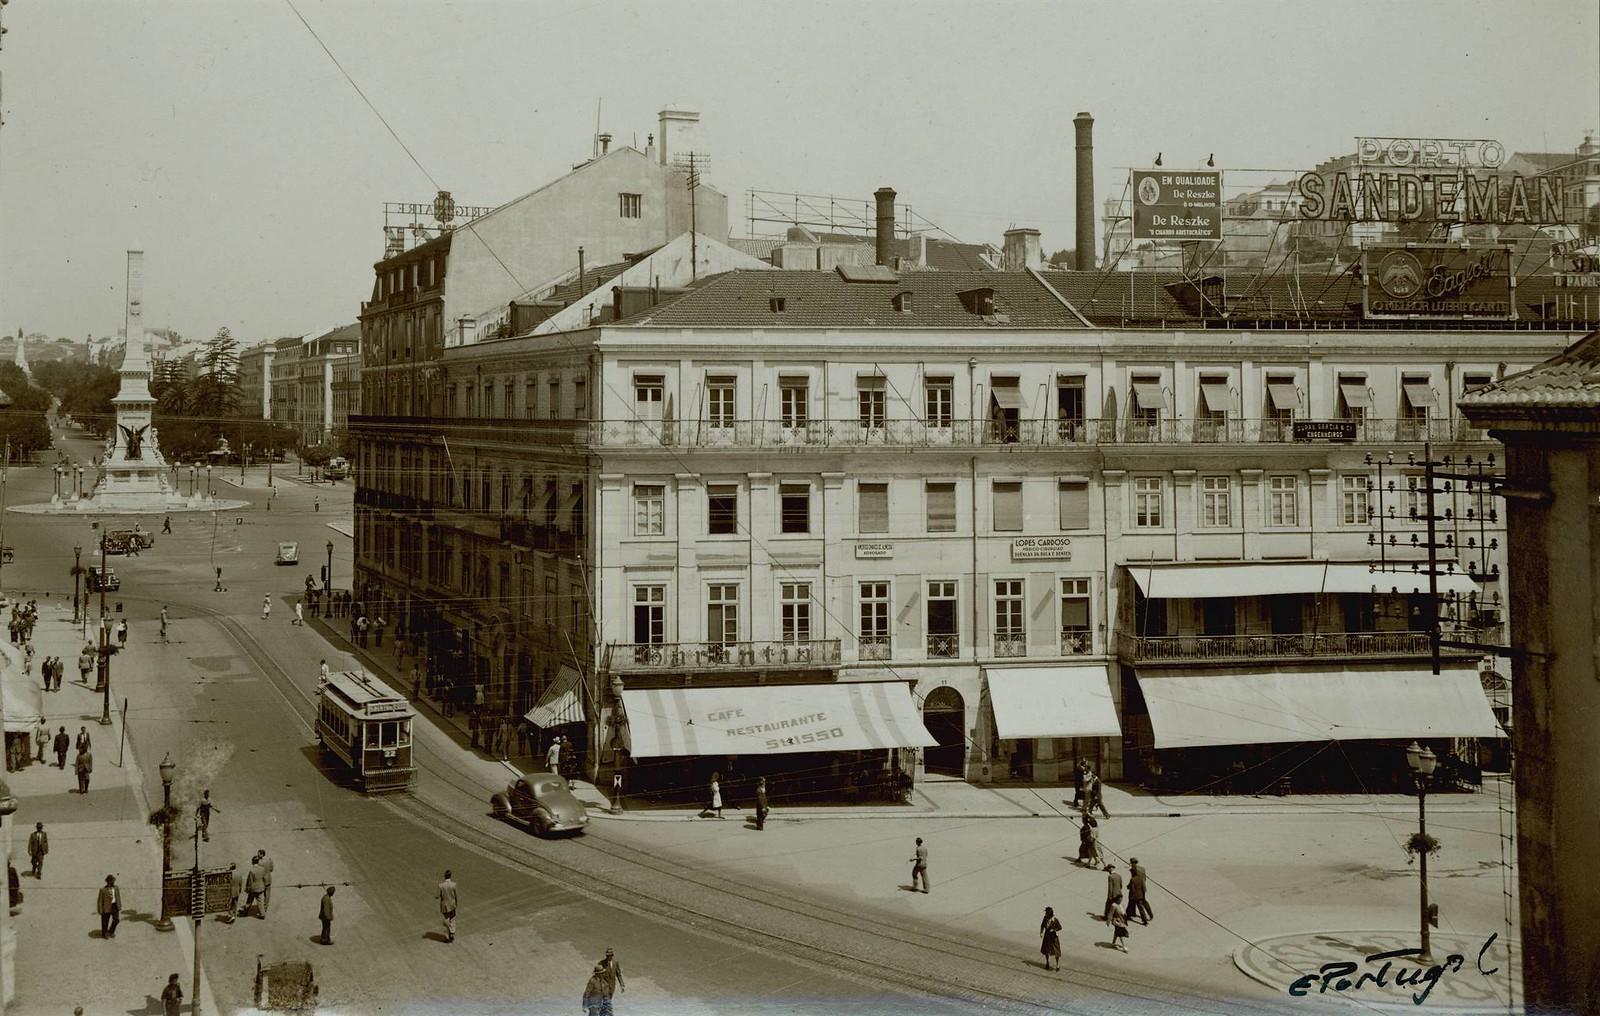 Rua 1º de Dezembro, Lisboa (E.Portugal, c. 1952)